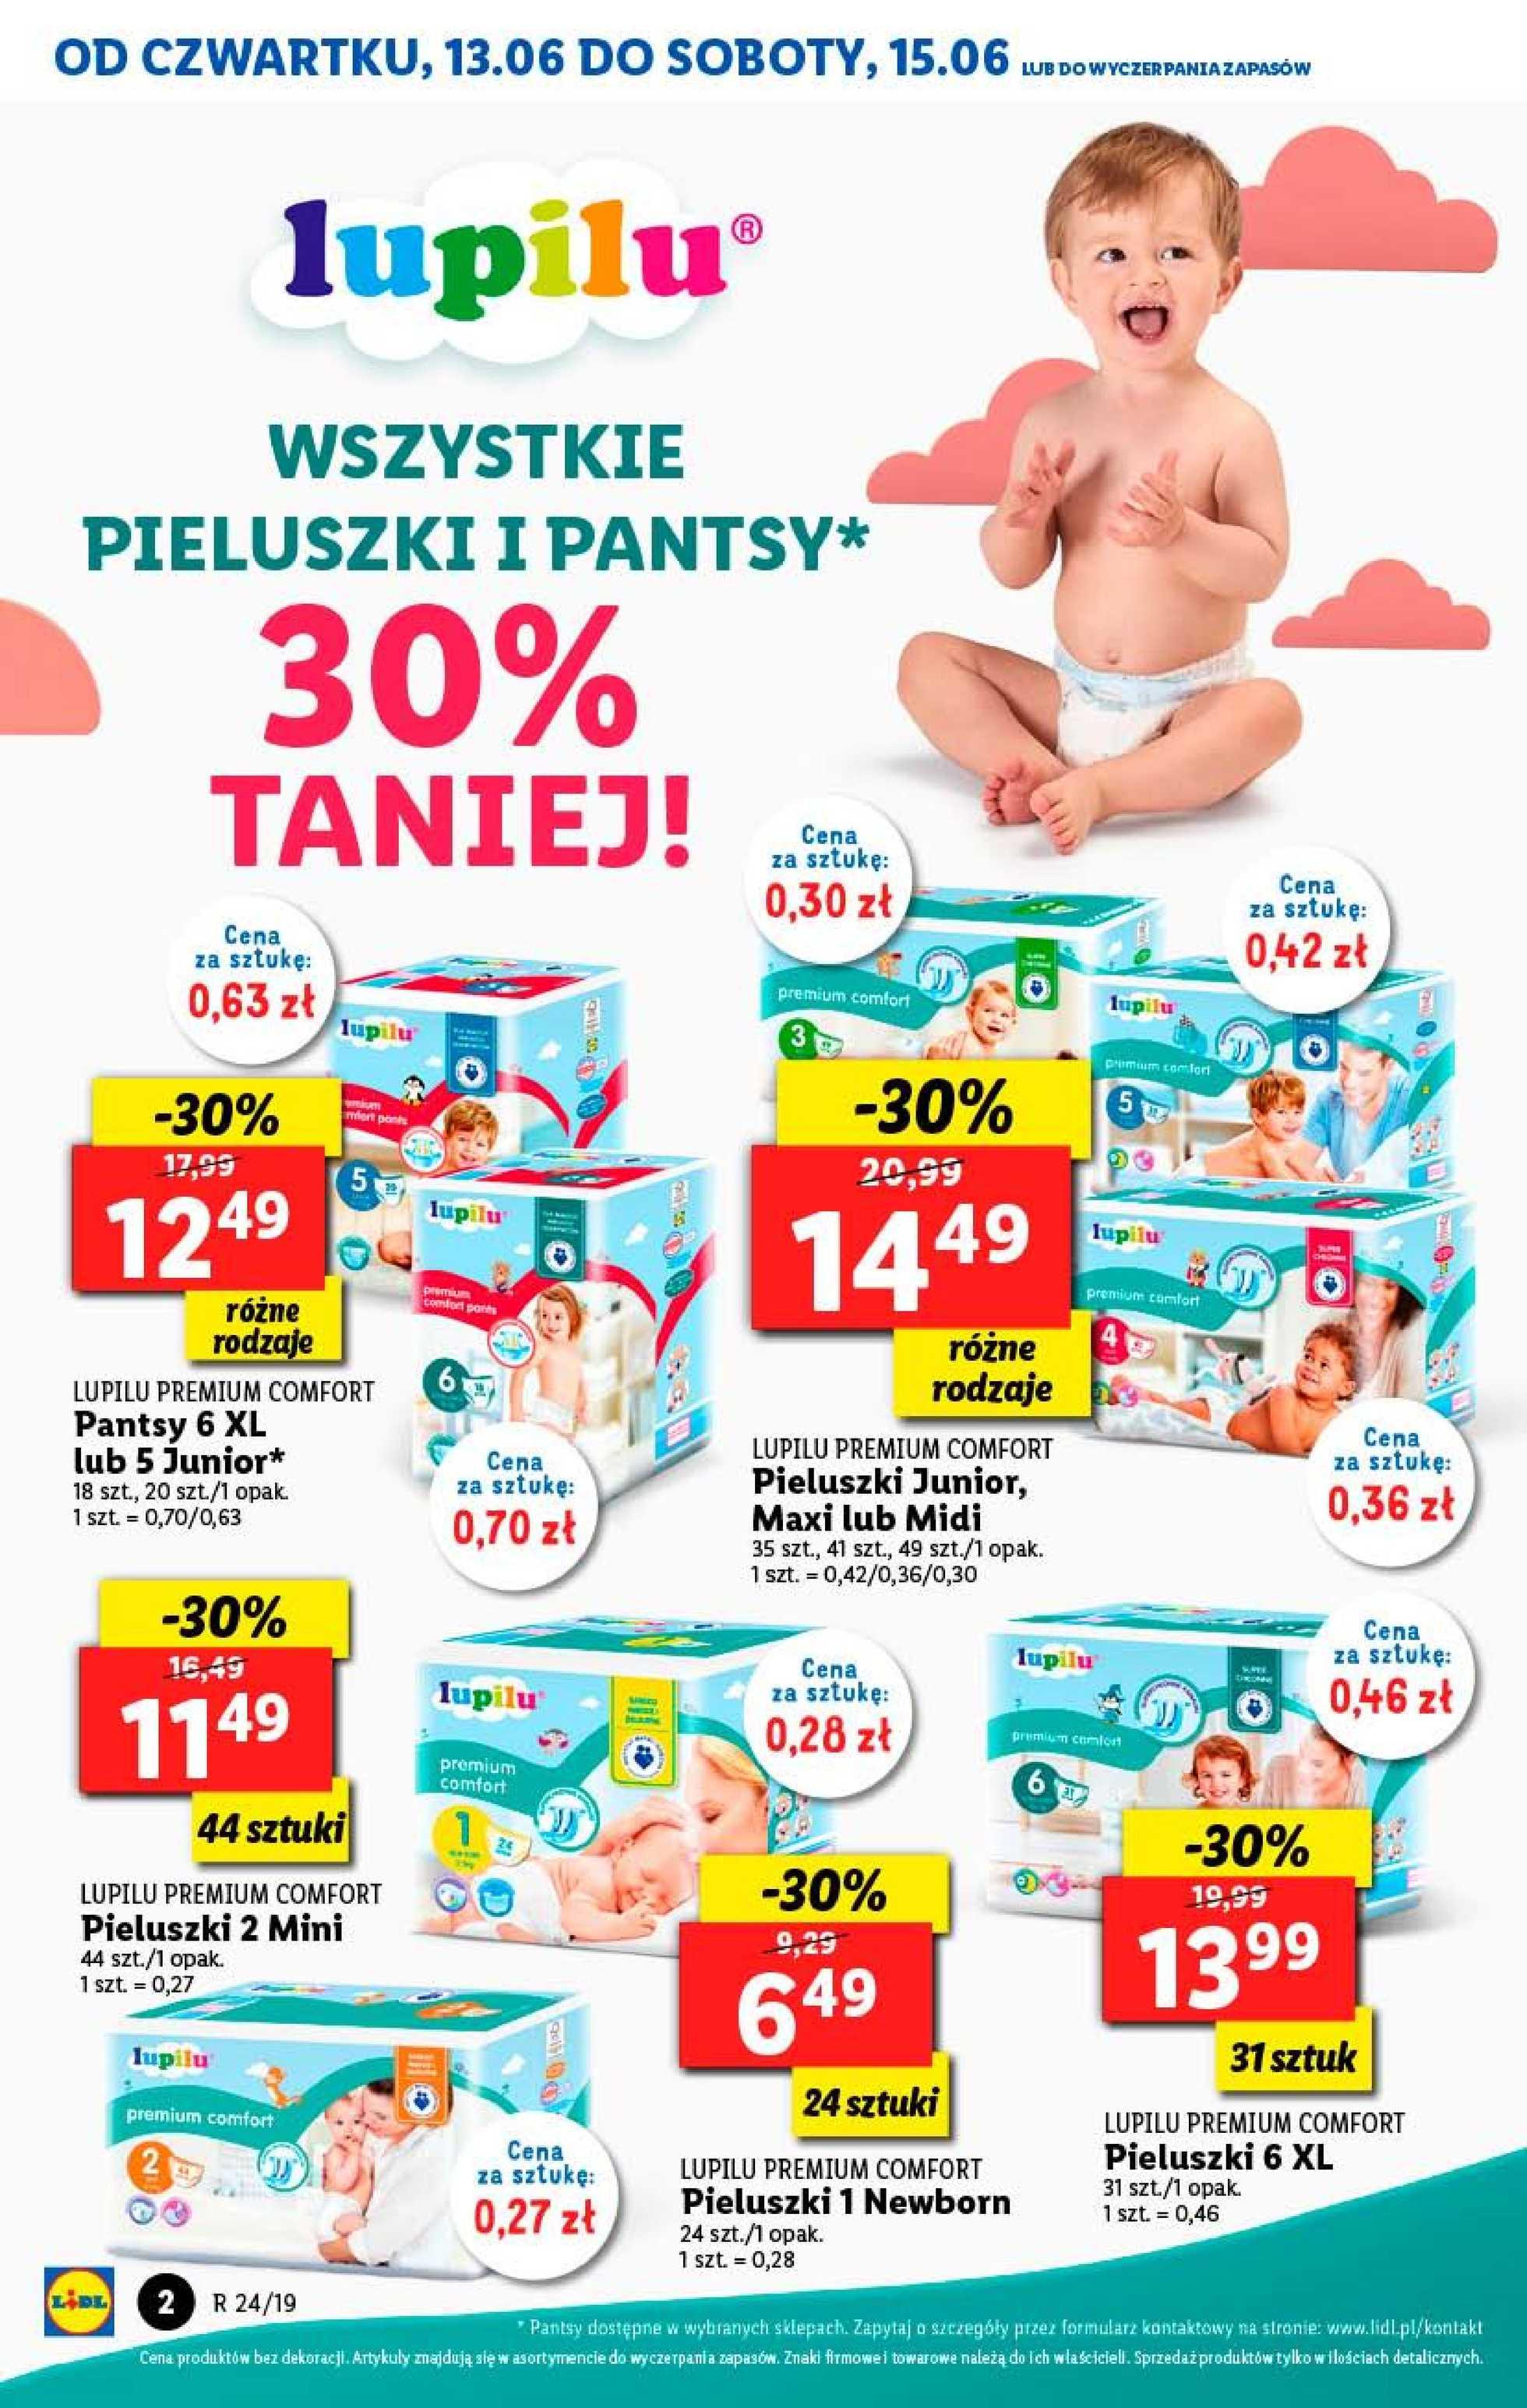 Lidl - gazetka promocyjna ważna od 13.06.2019 do 15.06.2019 - strona 2.